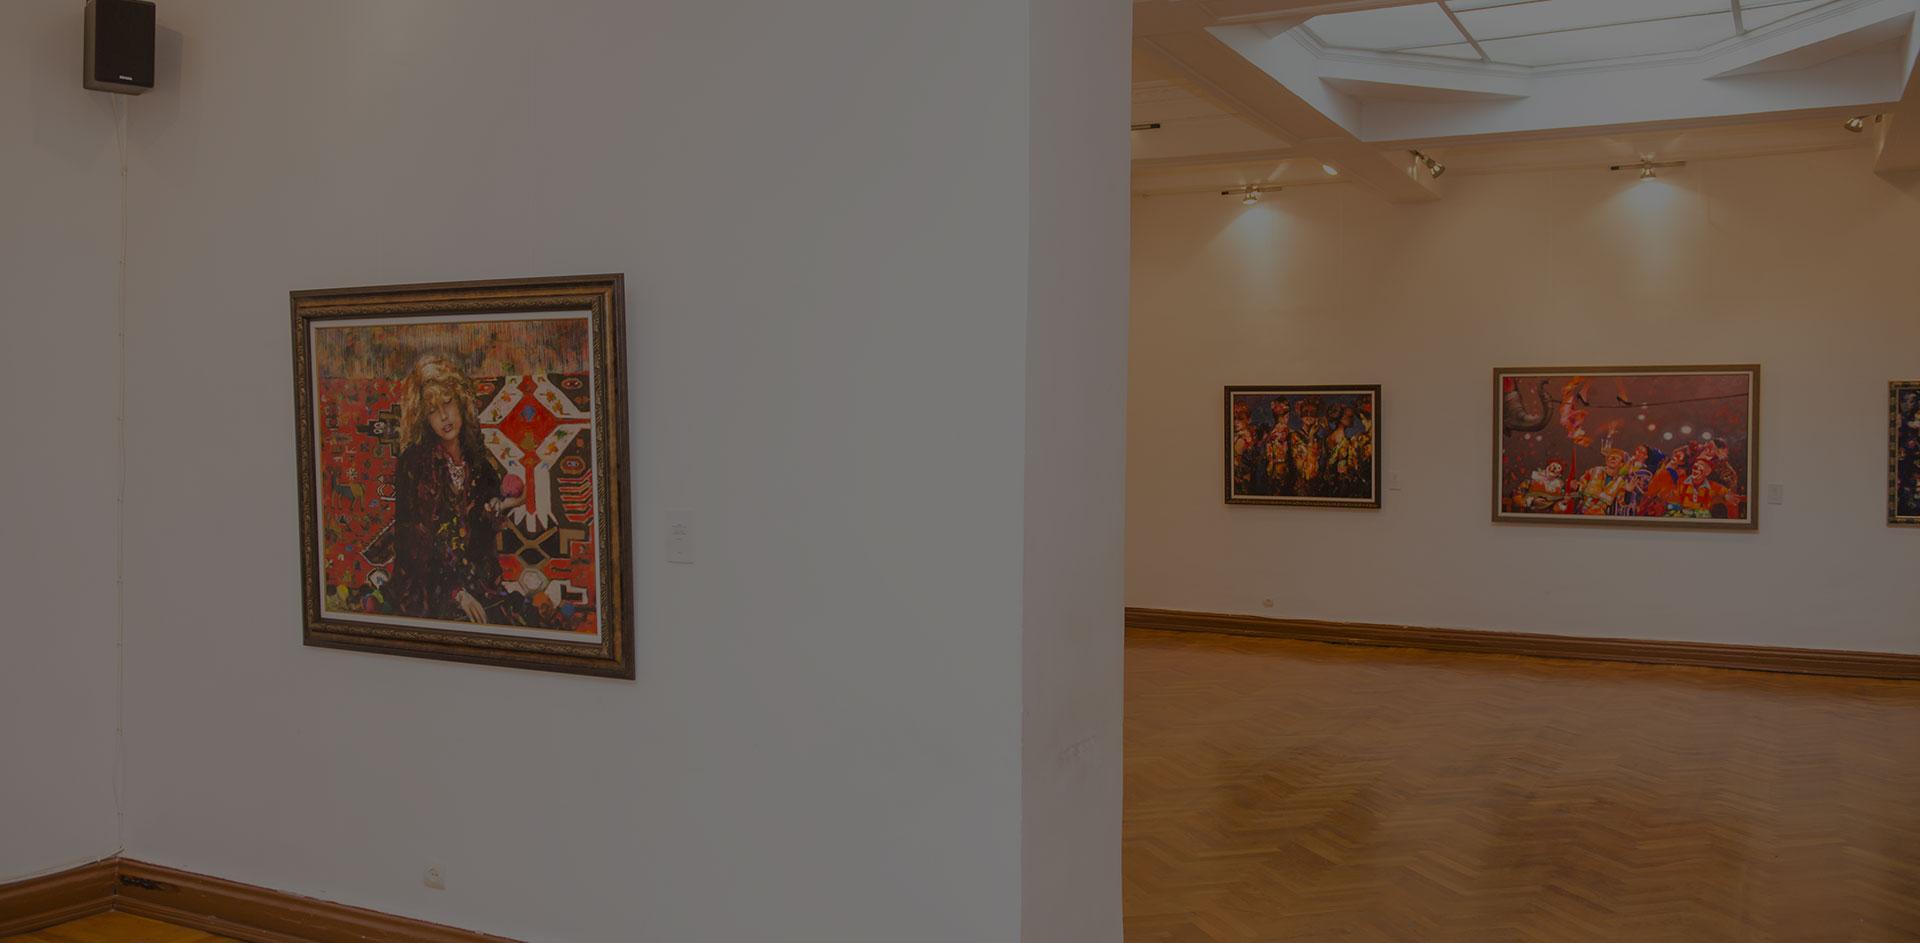 MuseumCenter.az Вебсайт Музейного Центра Министерства Культуры Азербайджанской Республики